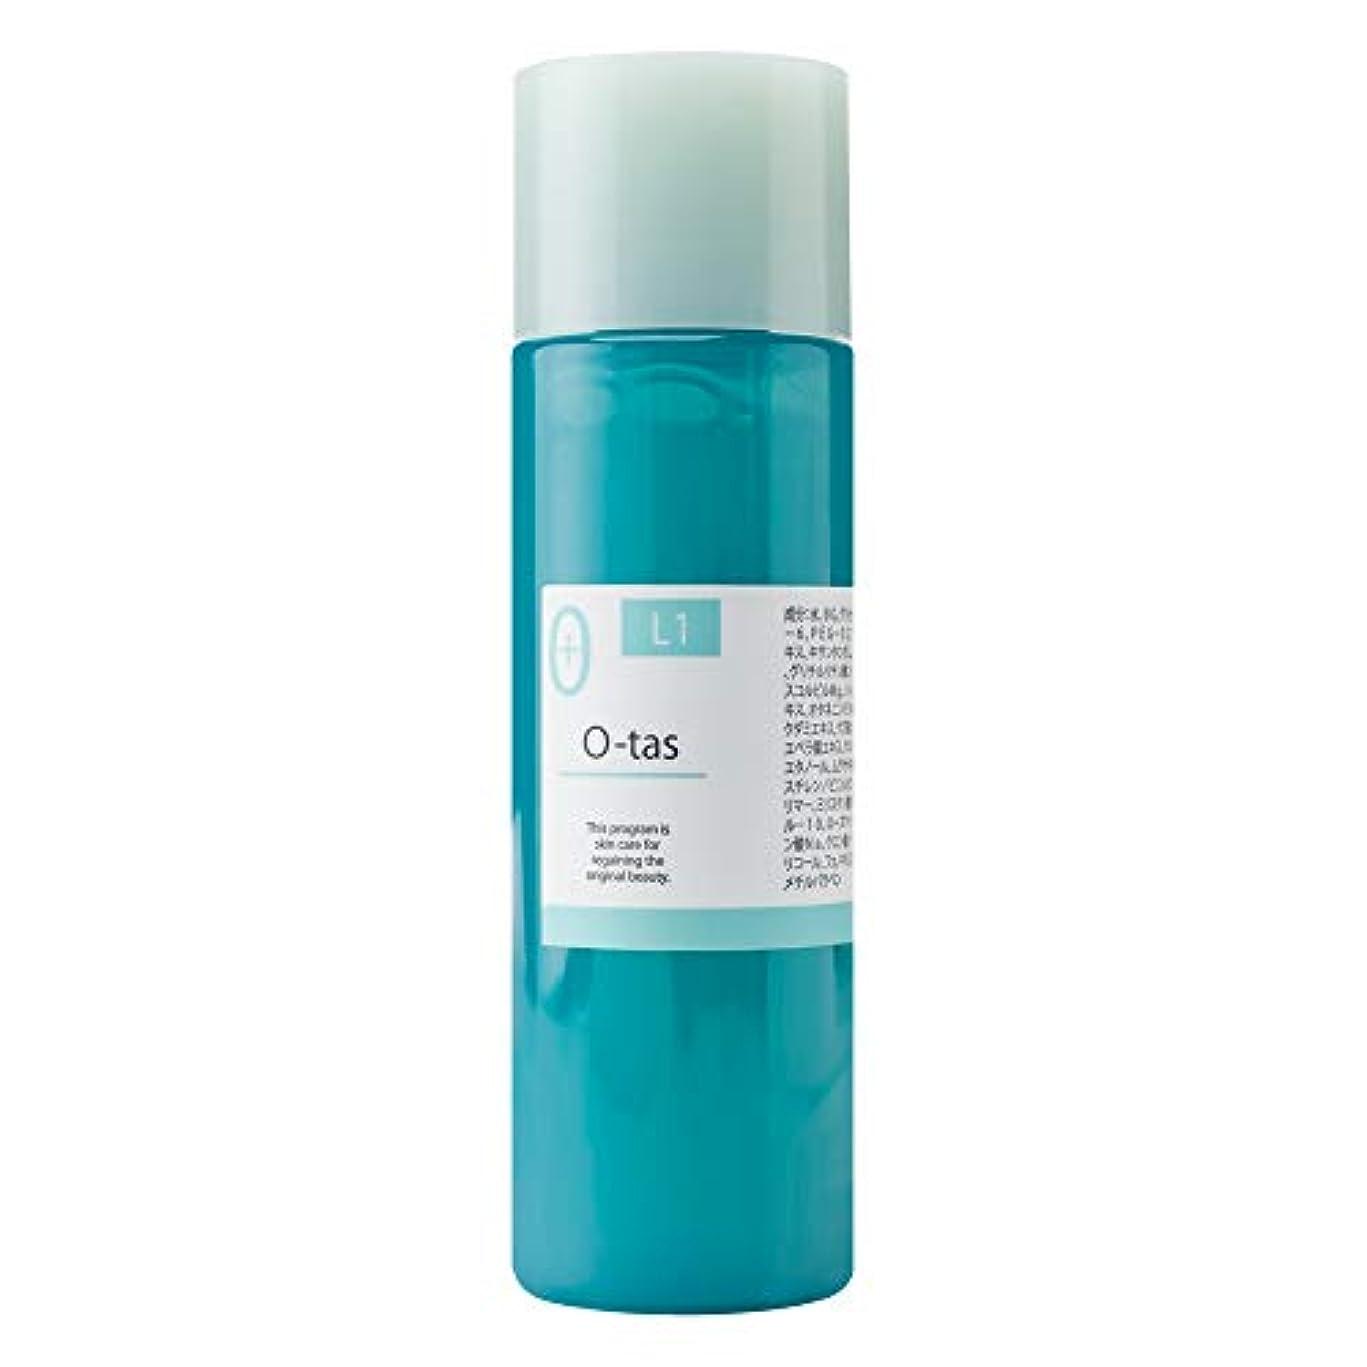 第二不一致成熟オータス ホワイトプロ ローション 100ml 無添加 化粧水 スキンケア フェイスケア 保湿 L1